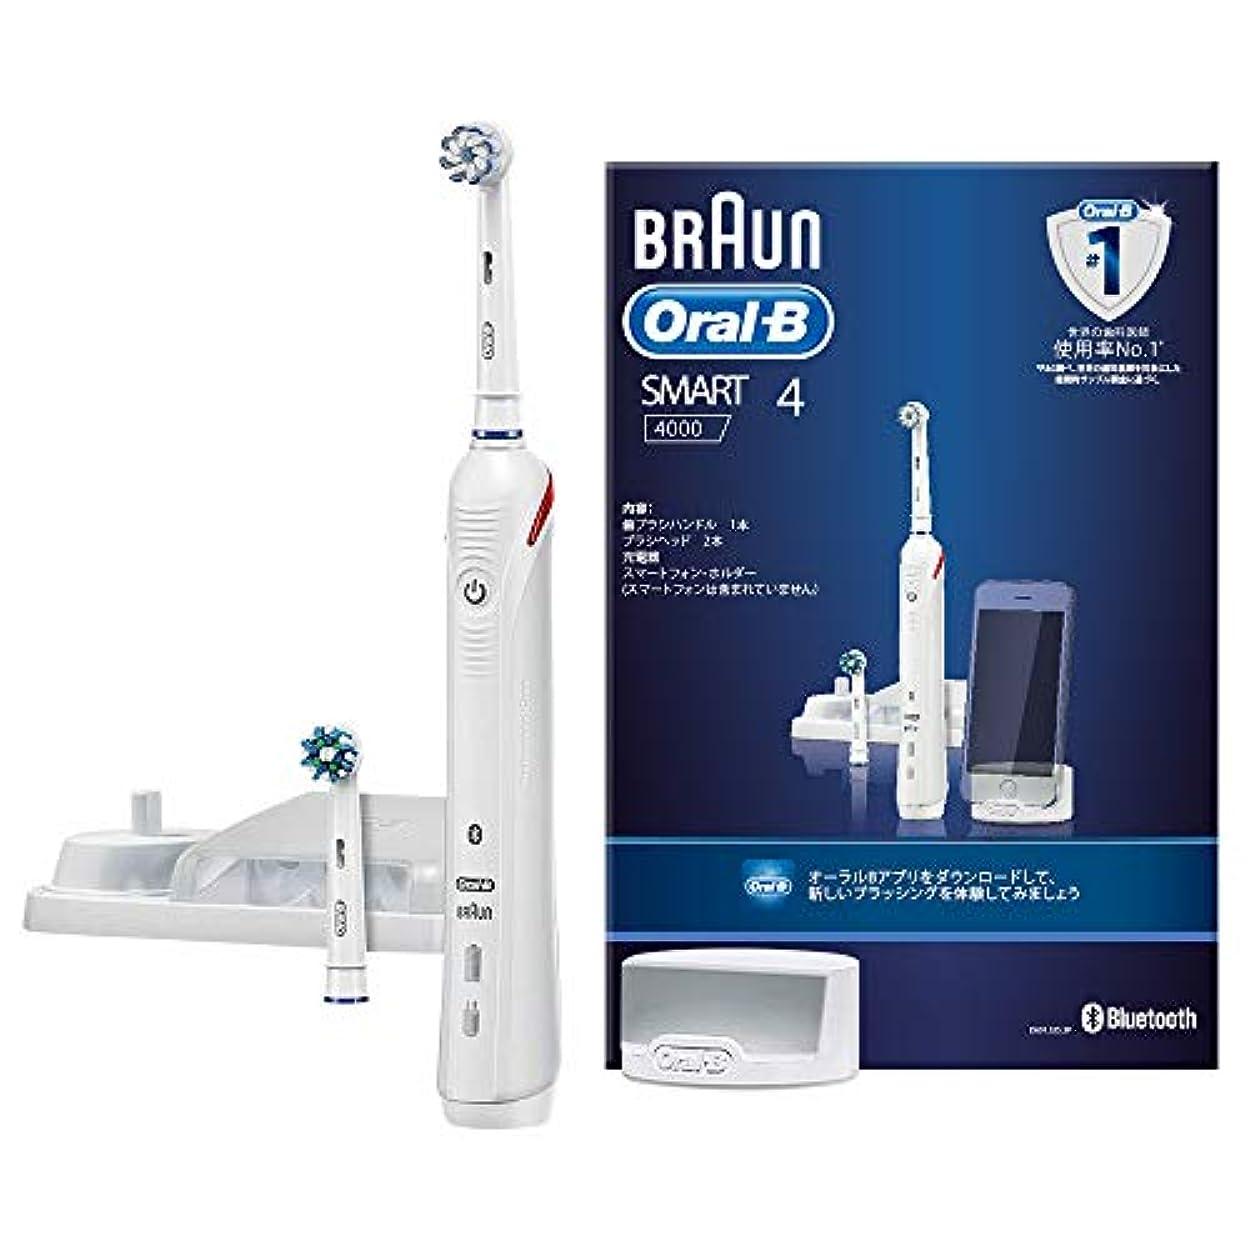 項目ネックレット強調ブラウン オーラルB 電動歯ブラシ スマート4000 D6015253P